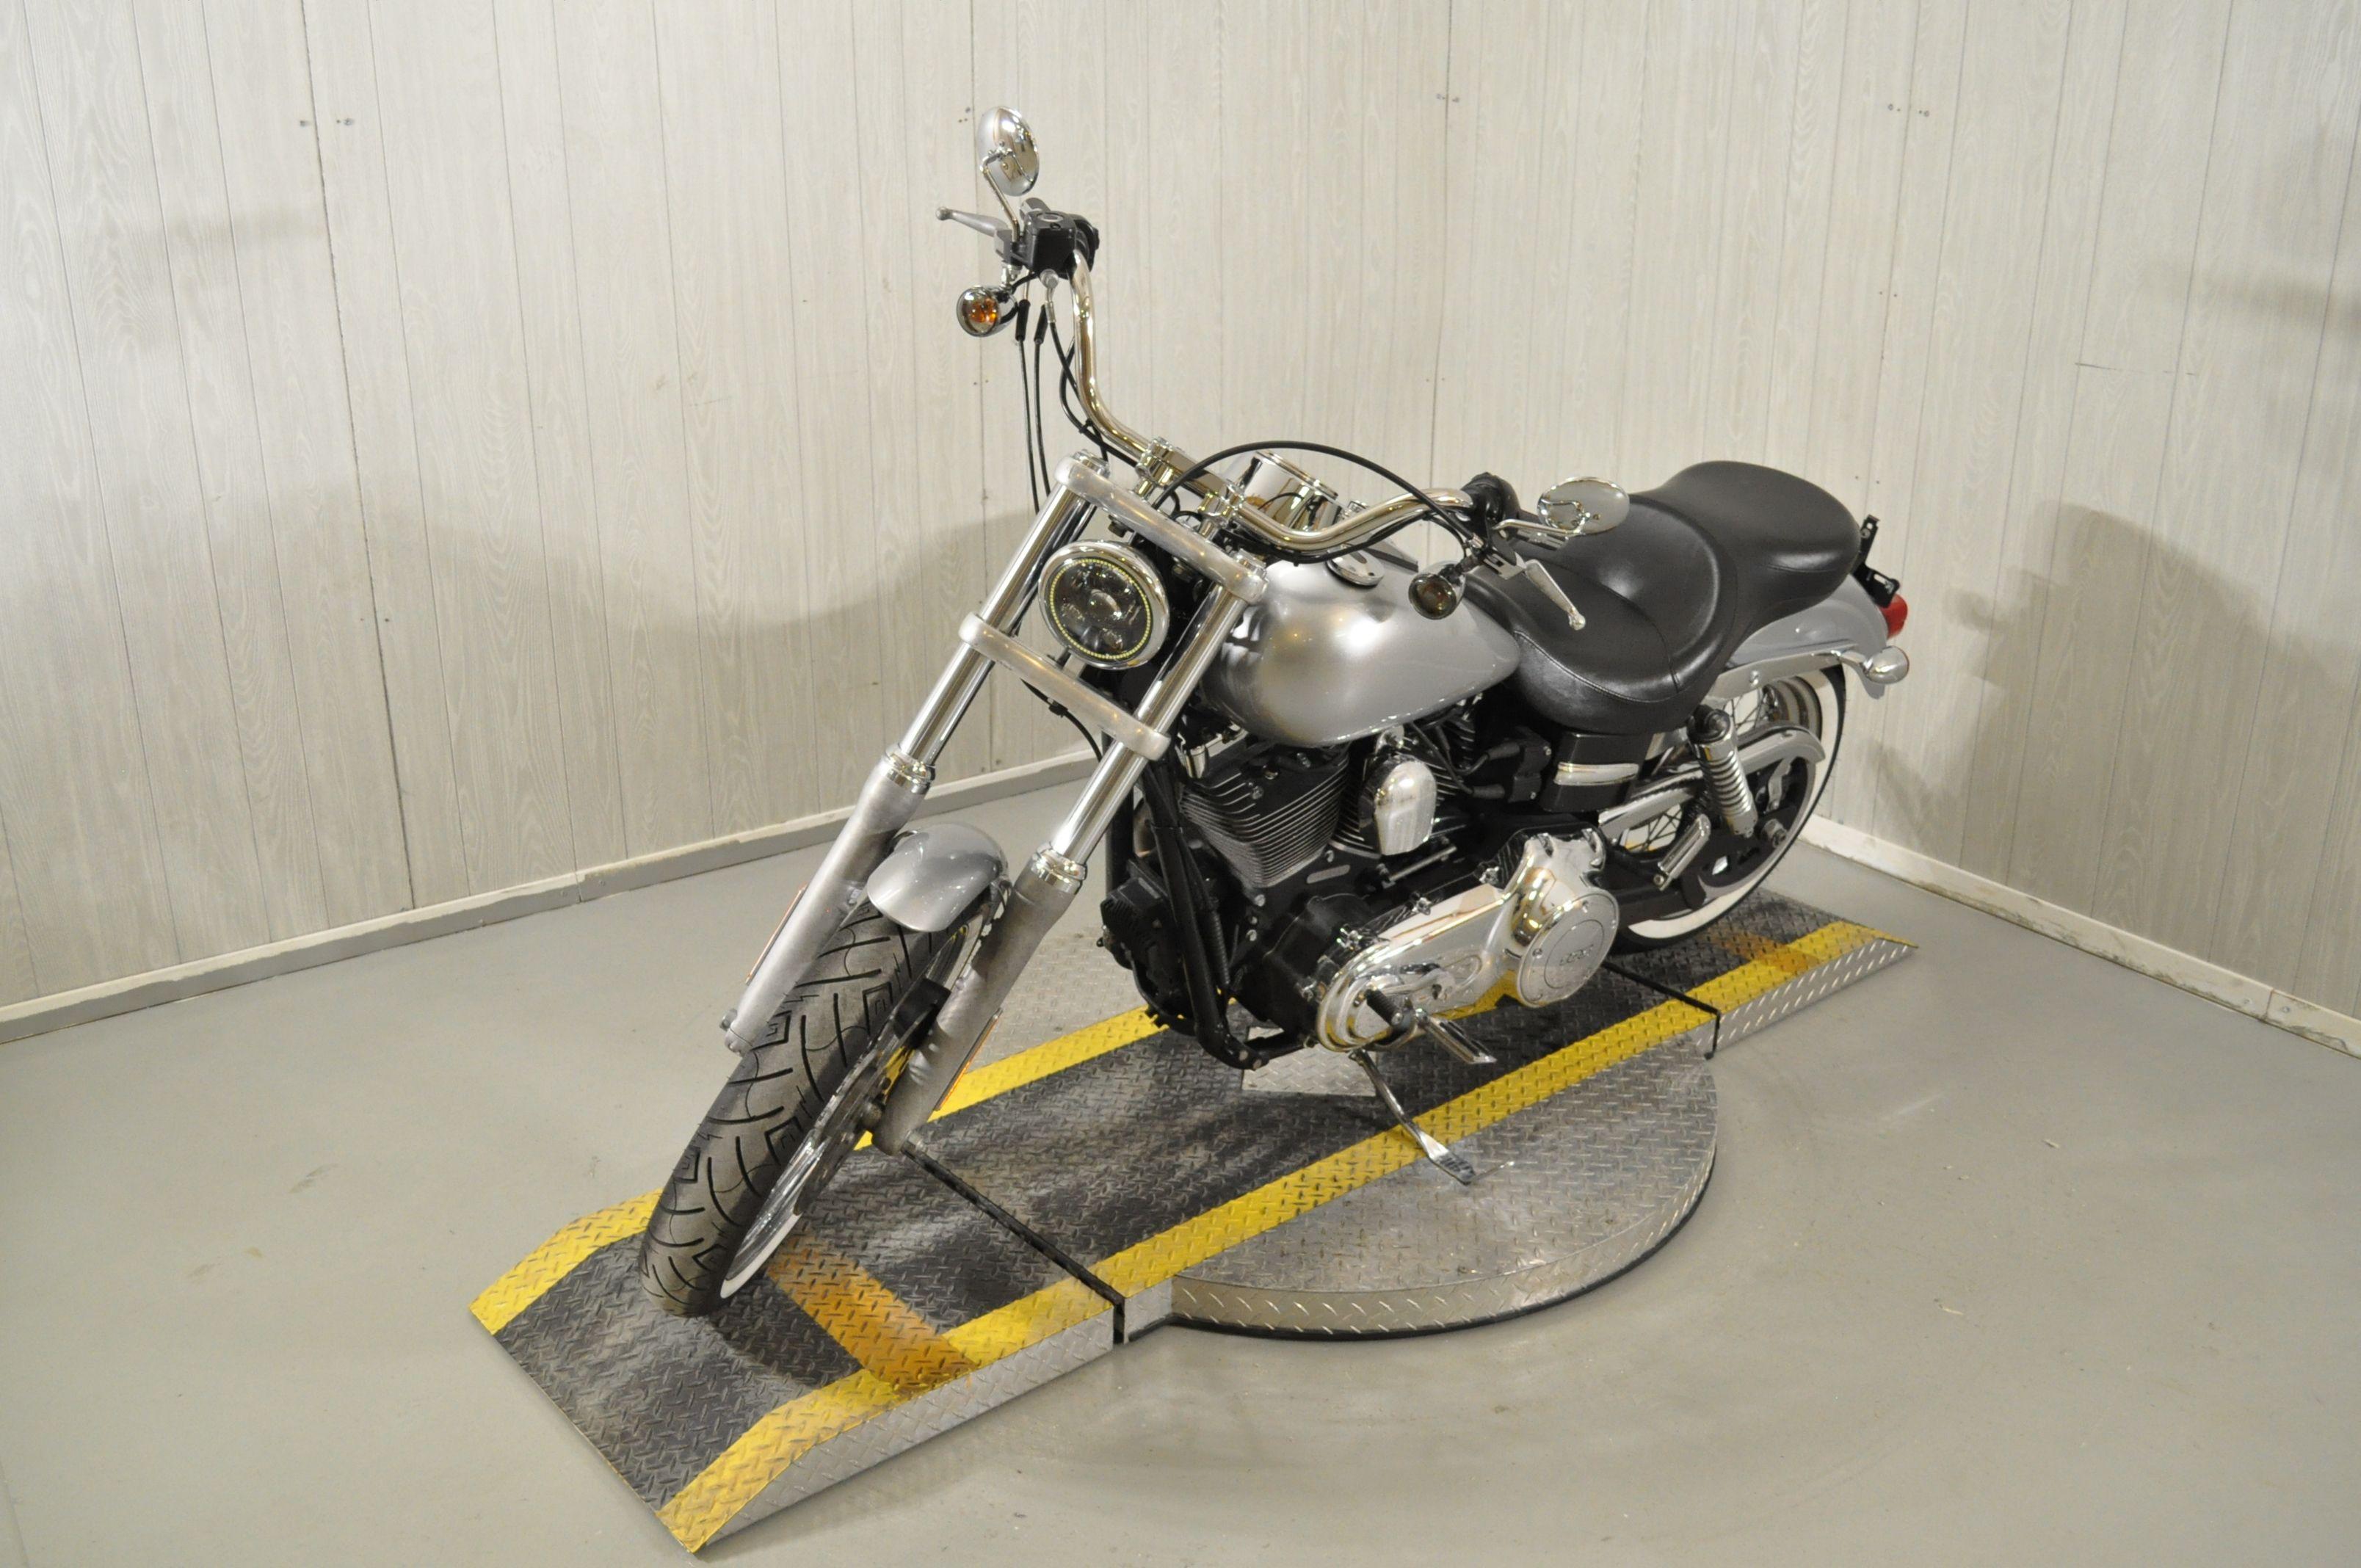 Pre-Owned 2014 Harley-Davidson Super Glide Custom FXDC